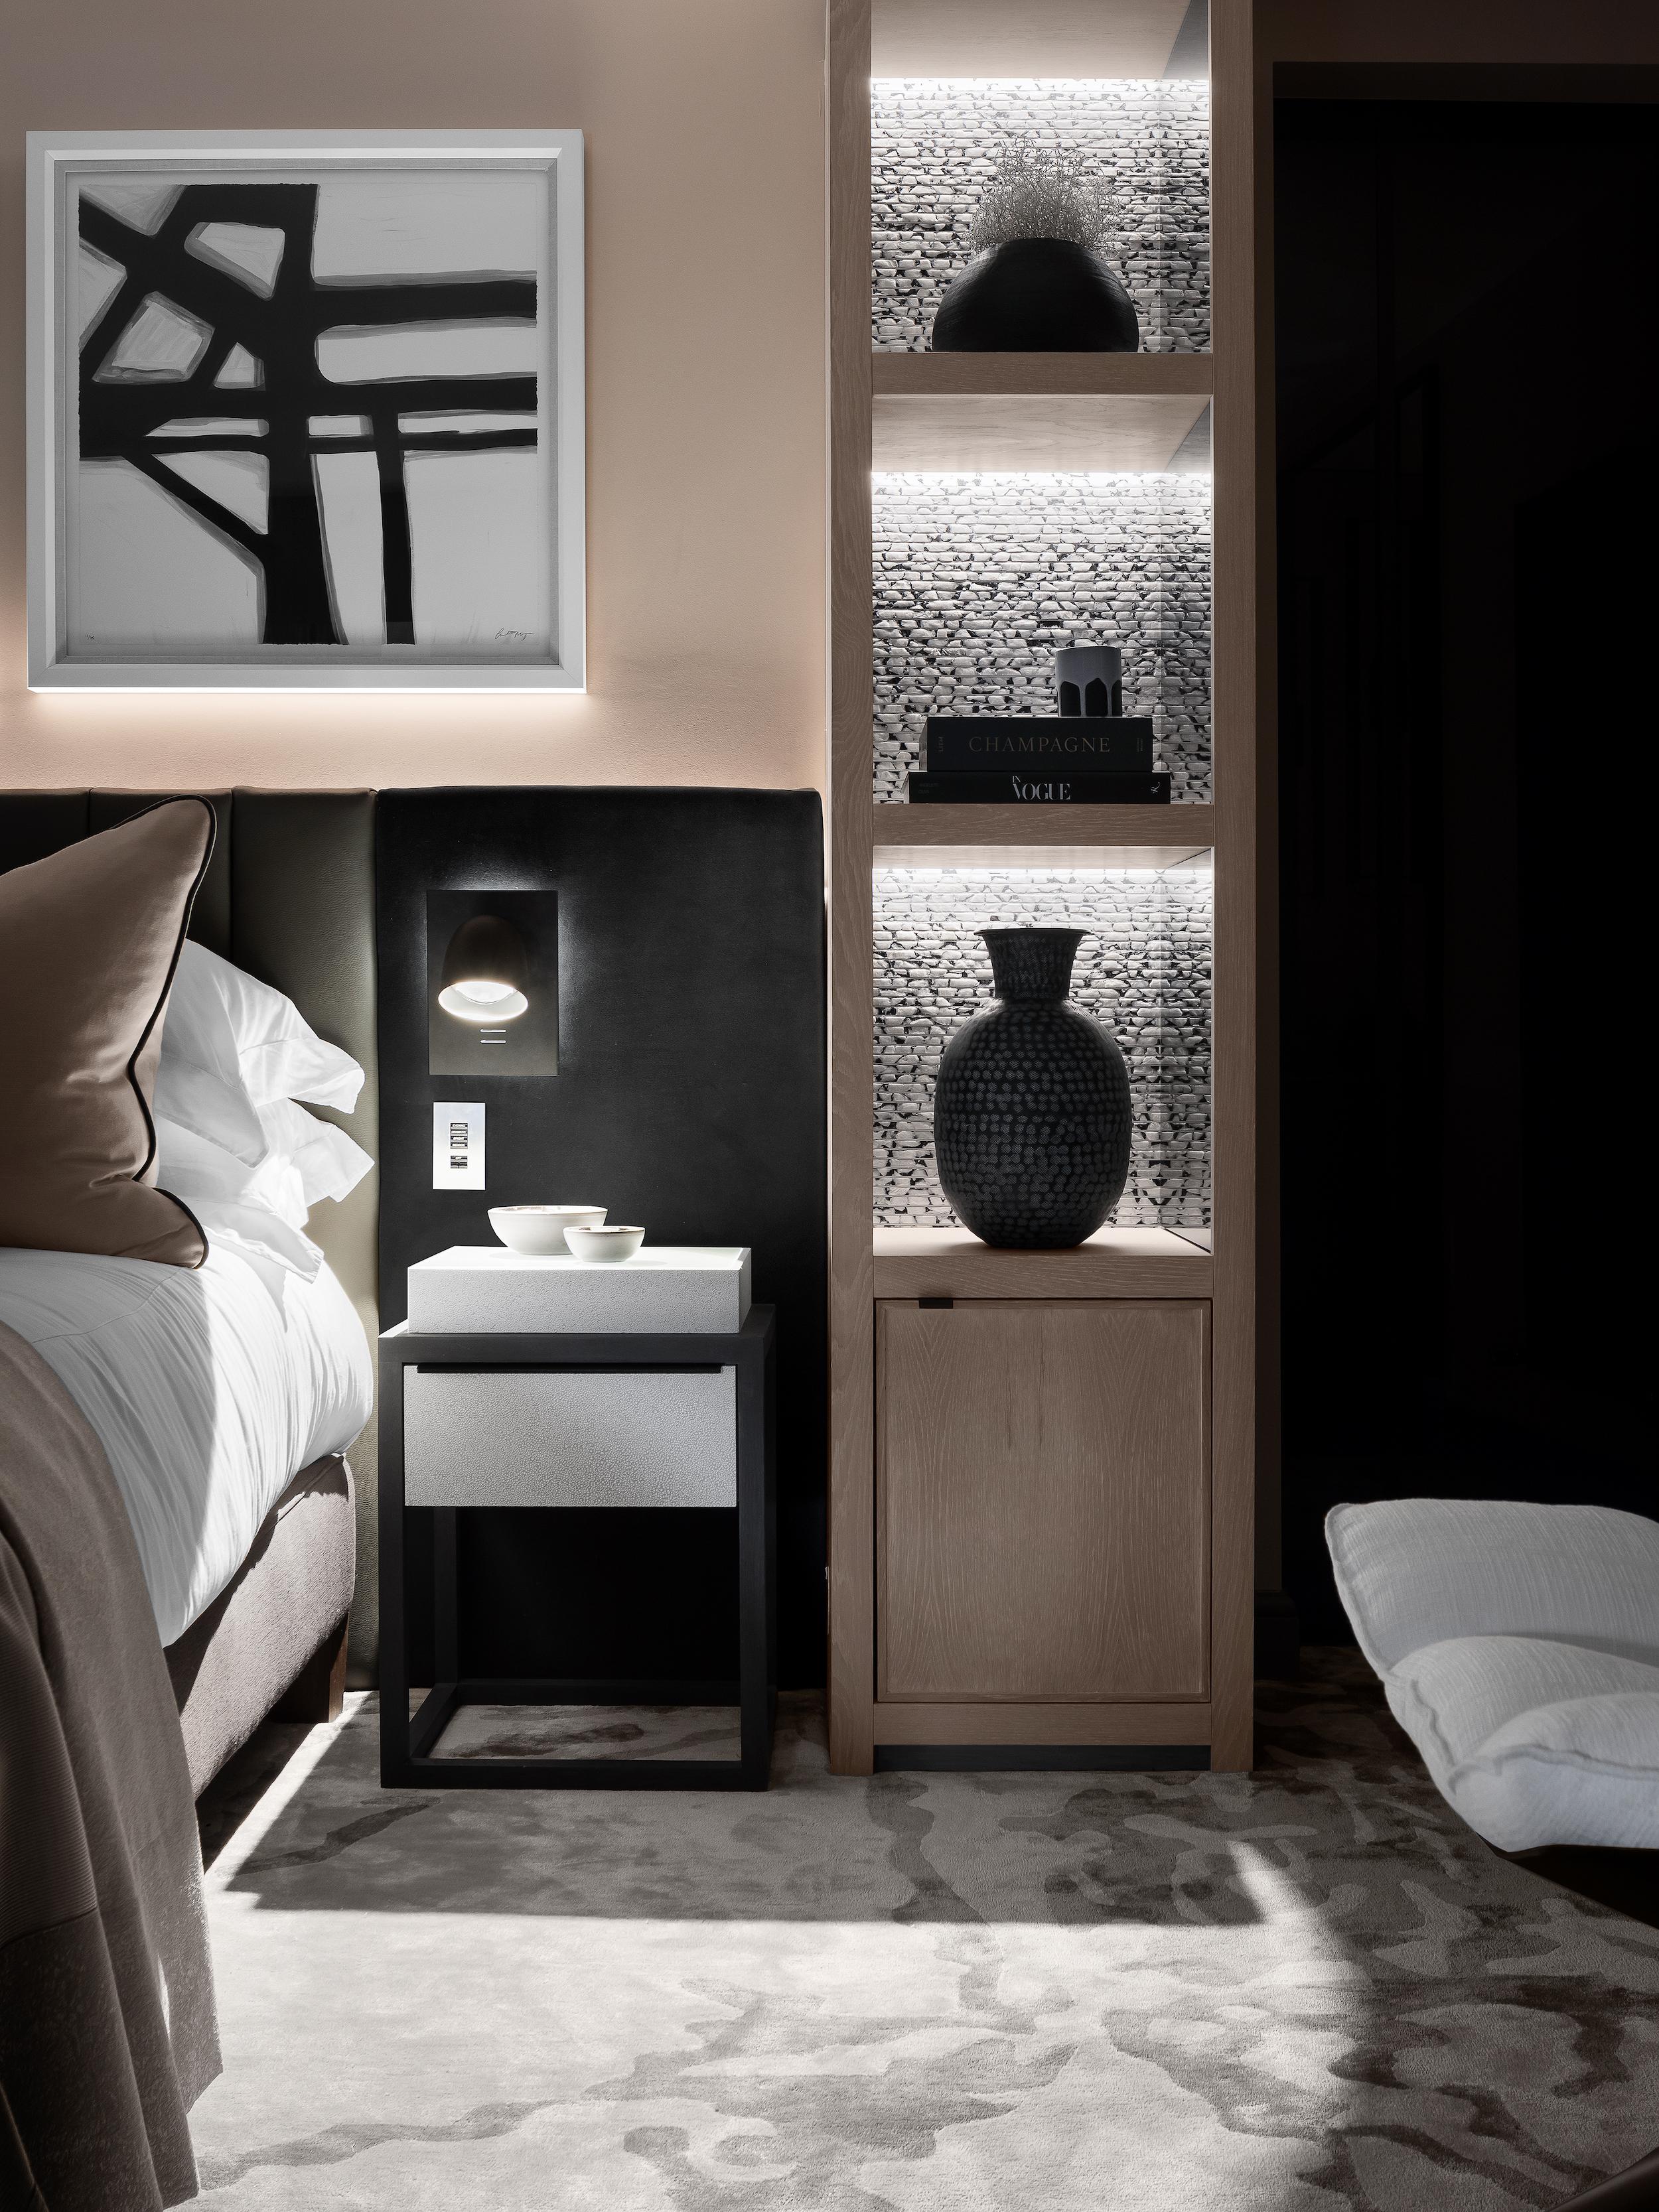 Rachel Usher Interior Design - Lighting Design